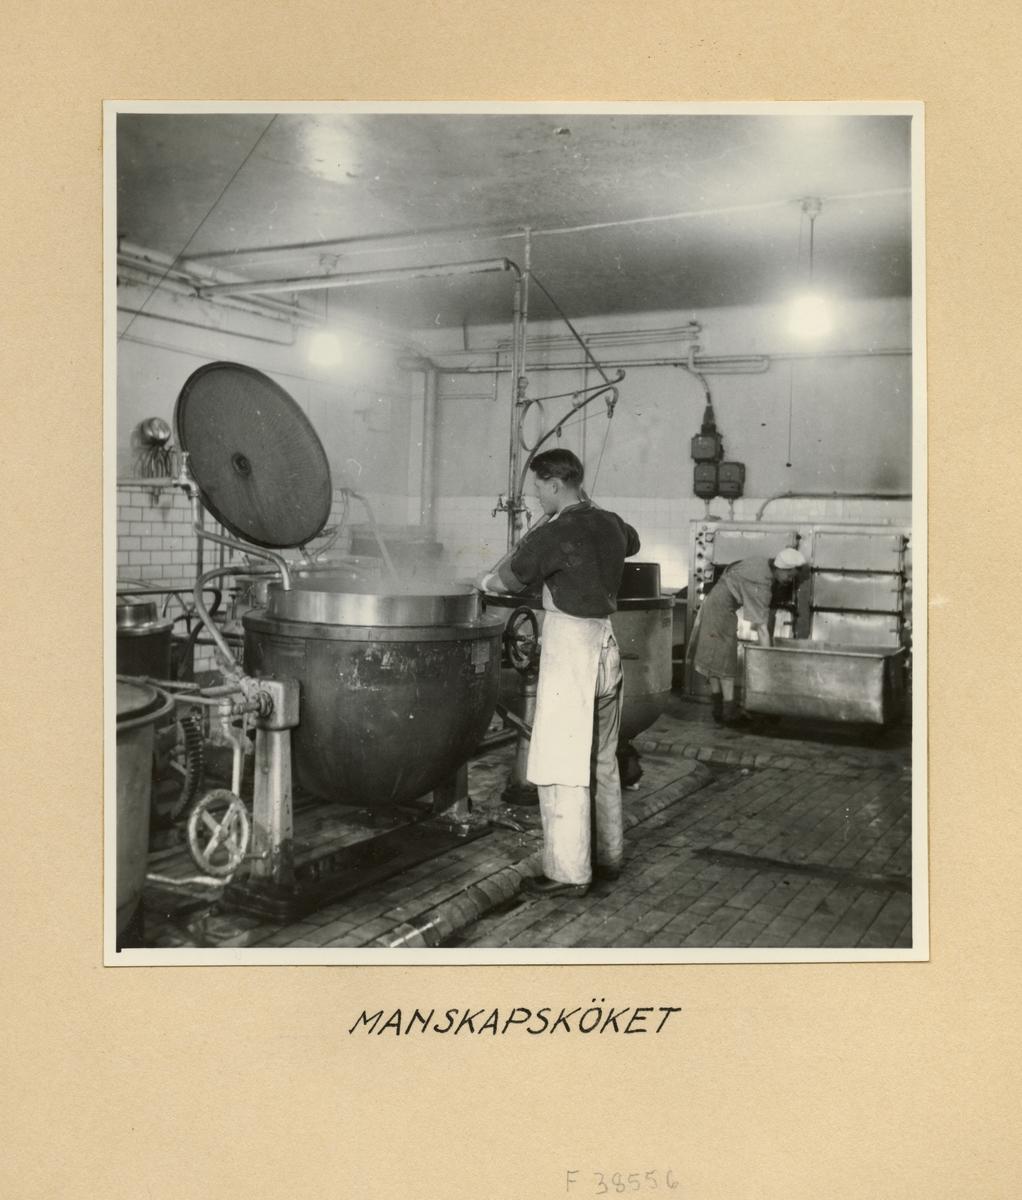 Manskapsköket, Svea artilleriregemente A 1, våren 1947.